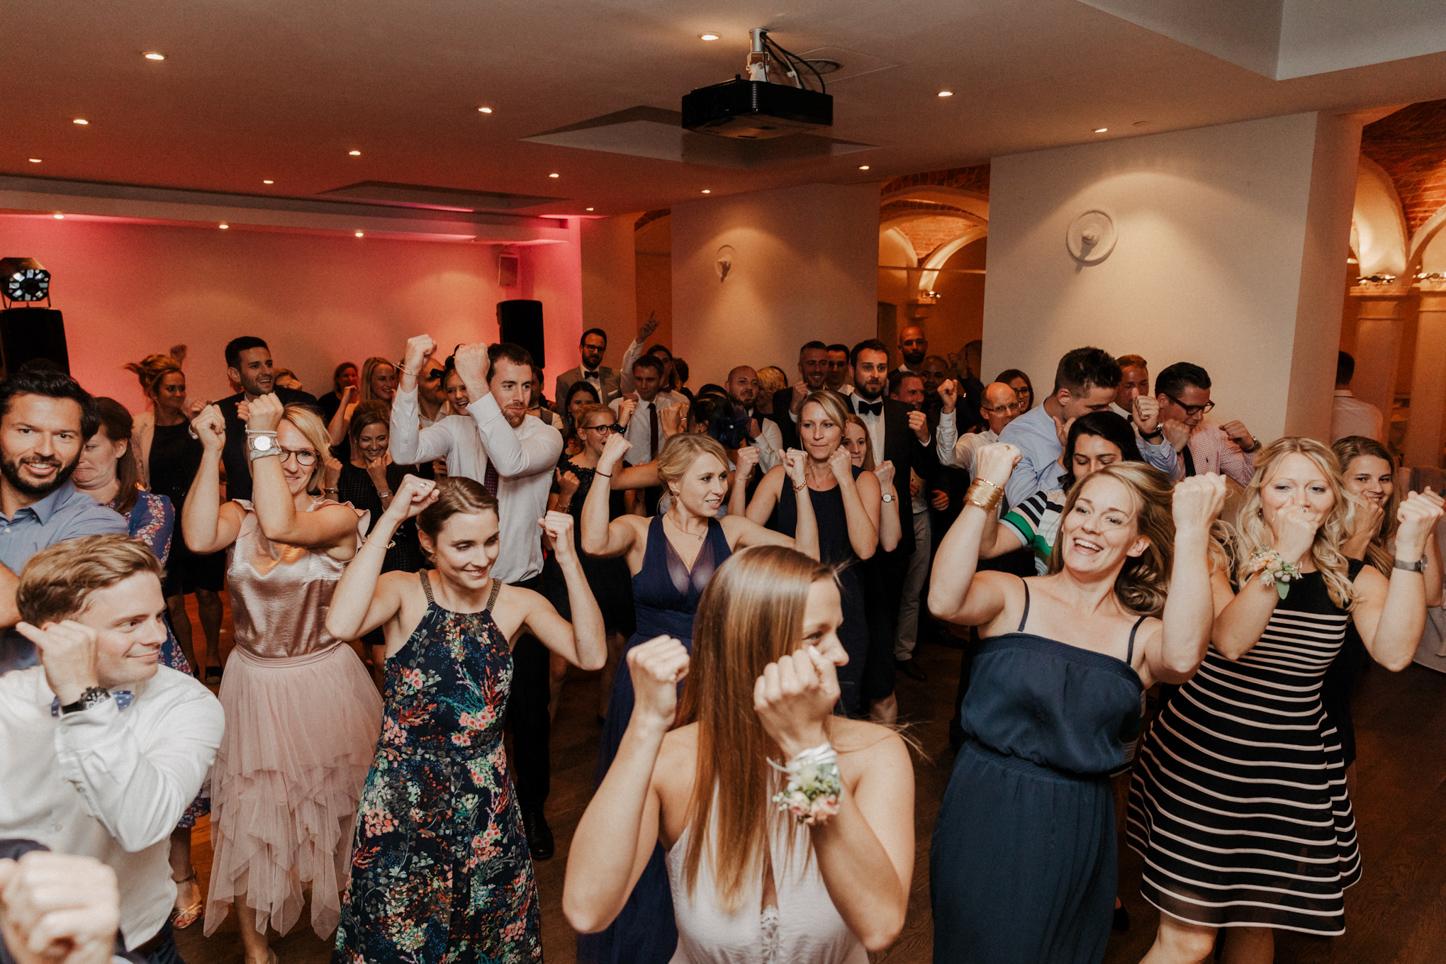 Flashmob Gäste einer Hochzeit